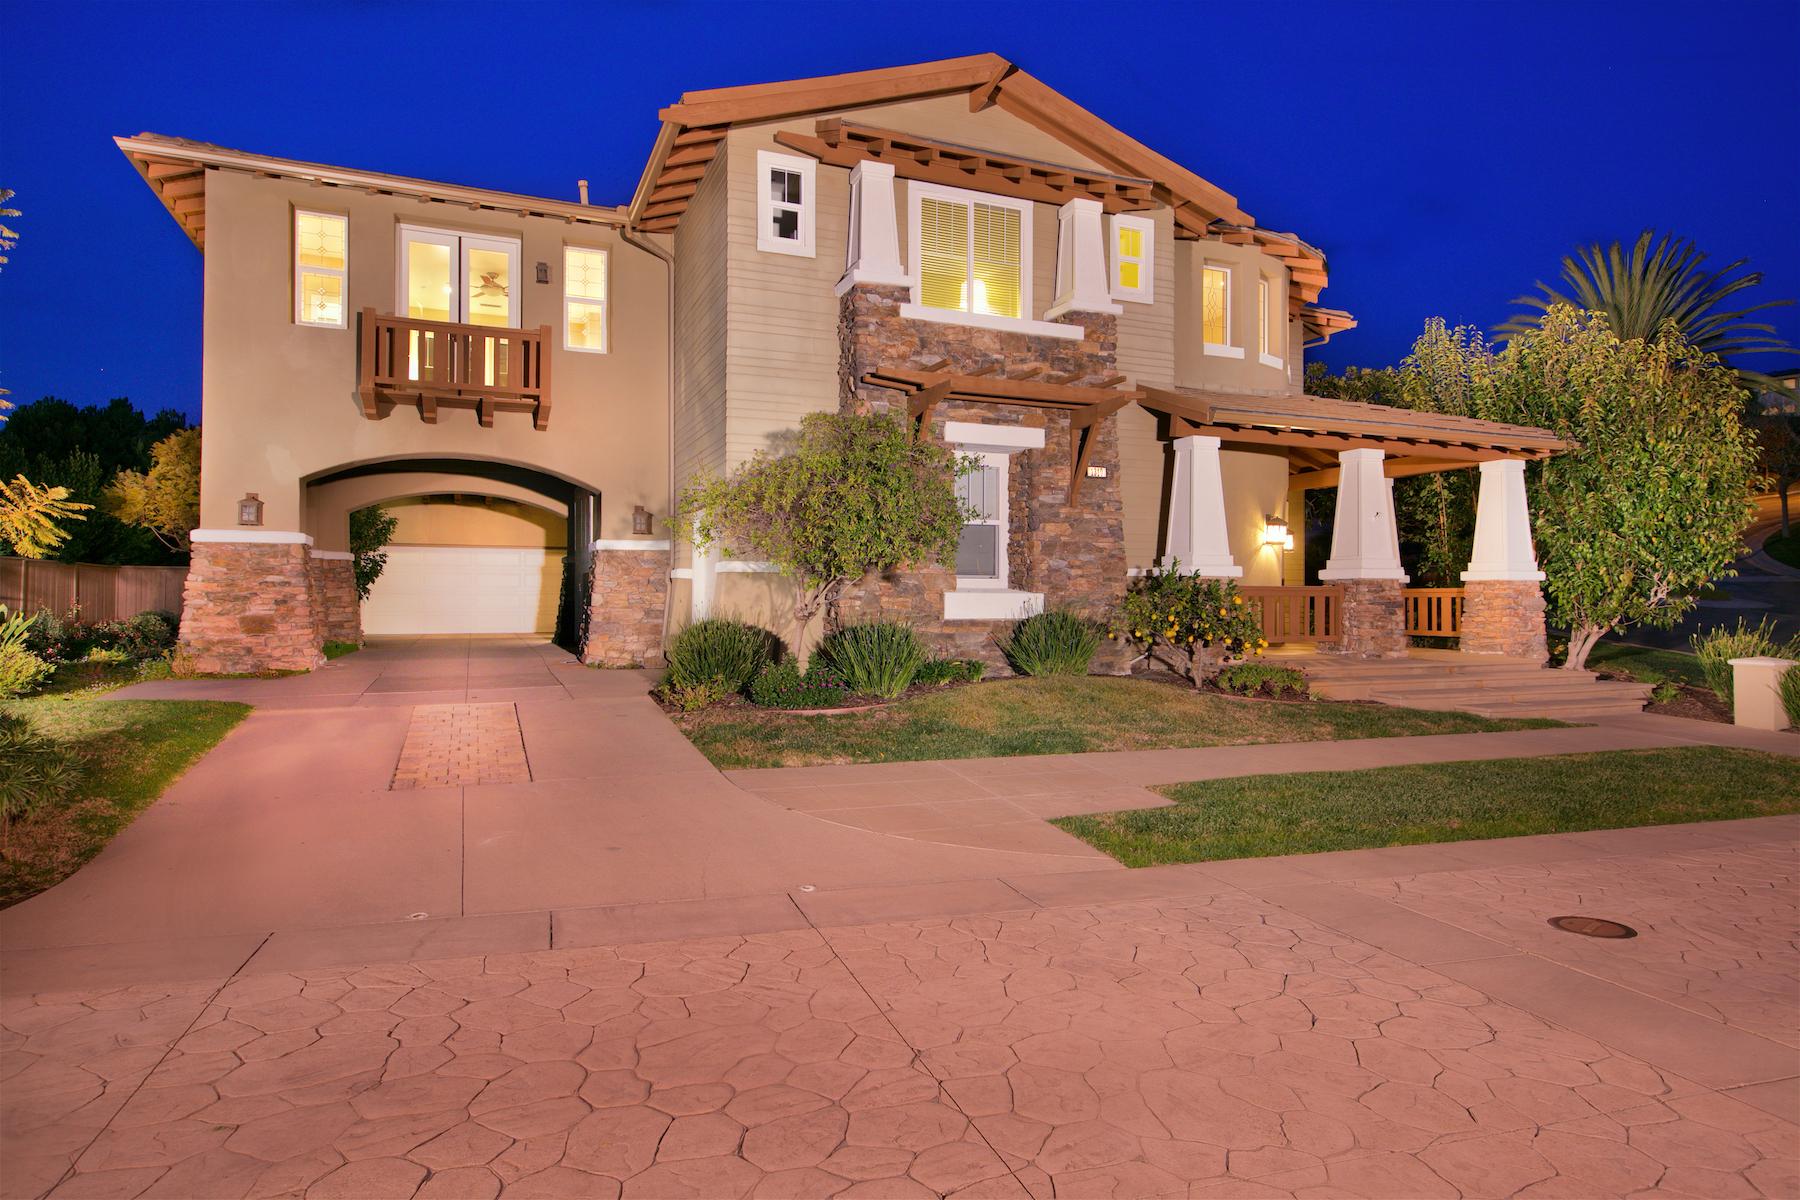 Villa per Vendita alle ore 1310 Raven Court Encinitas, California, 92024 Stati Uniti